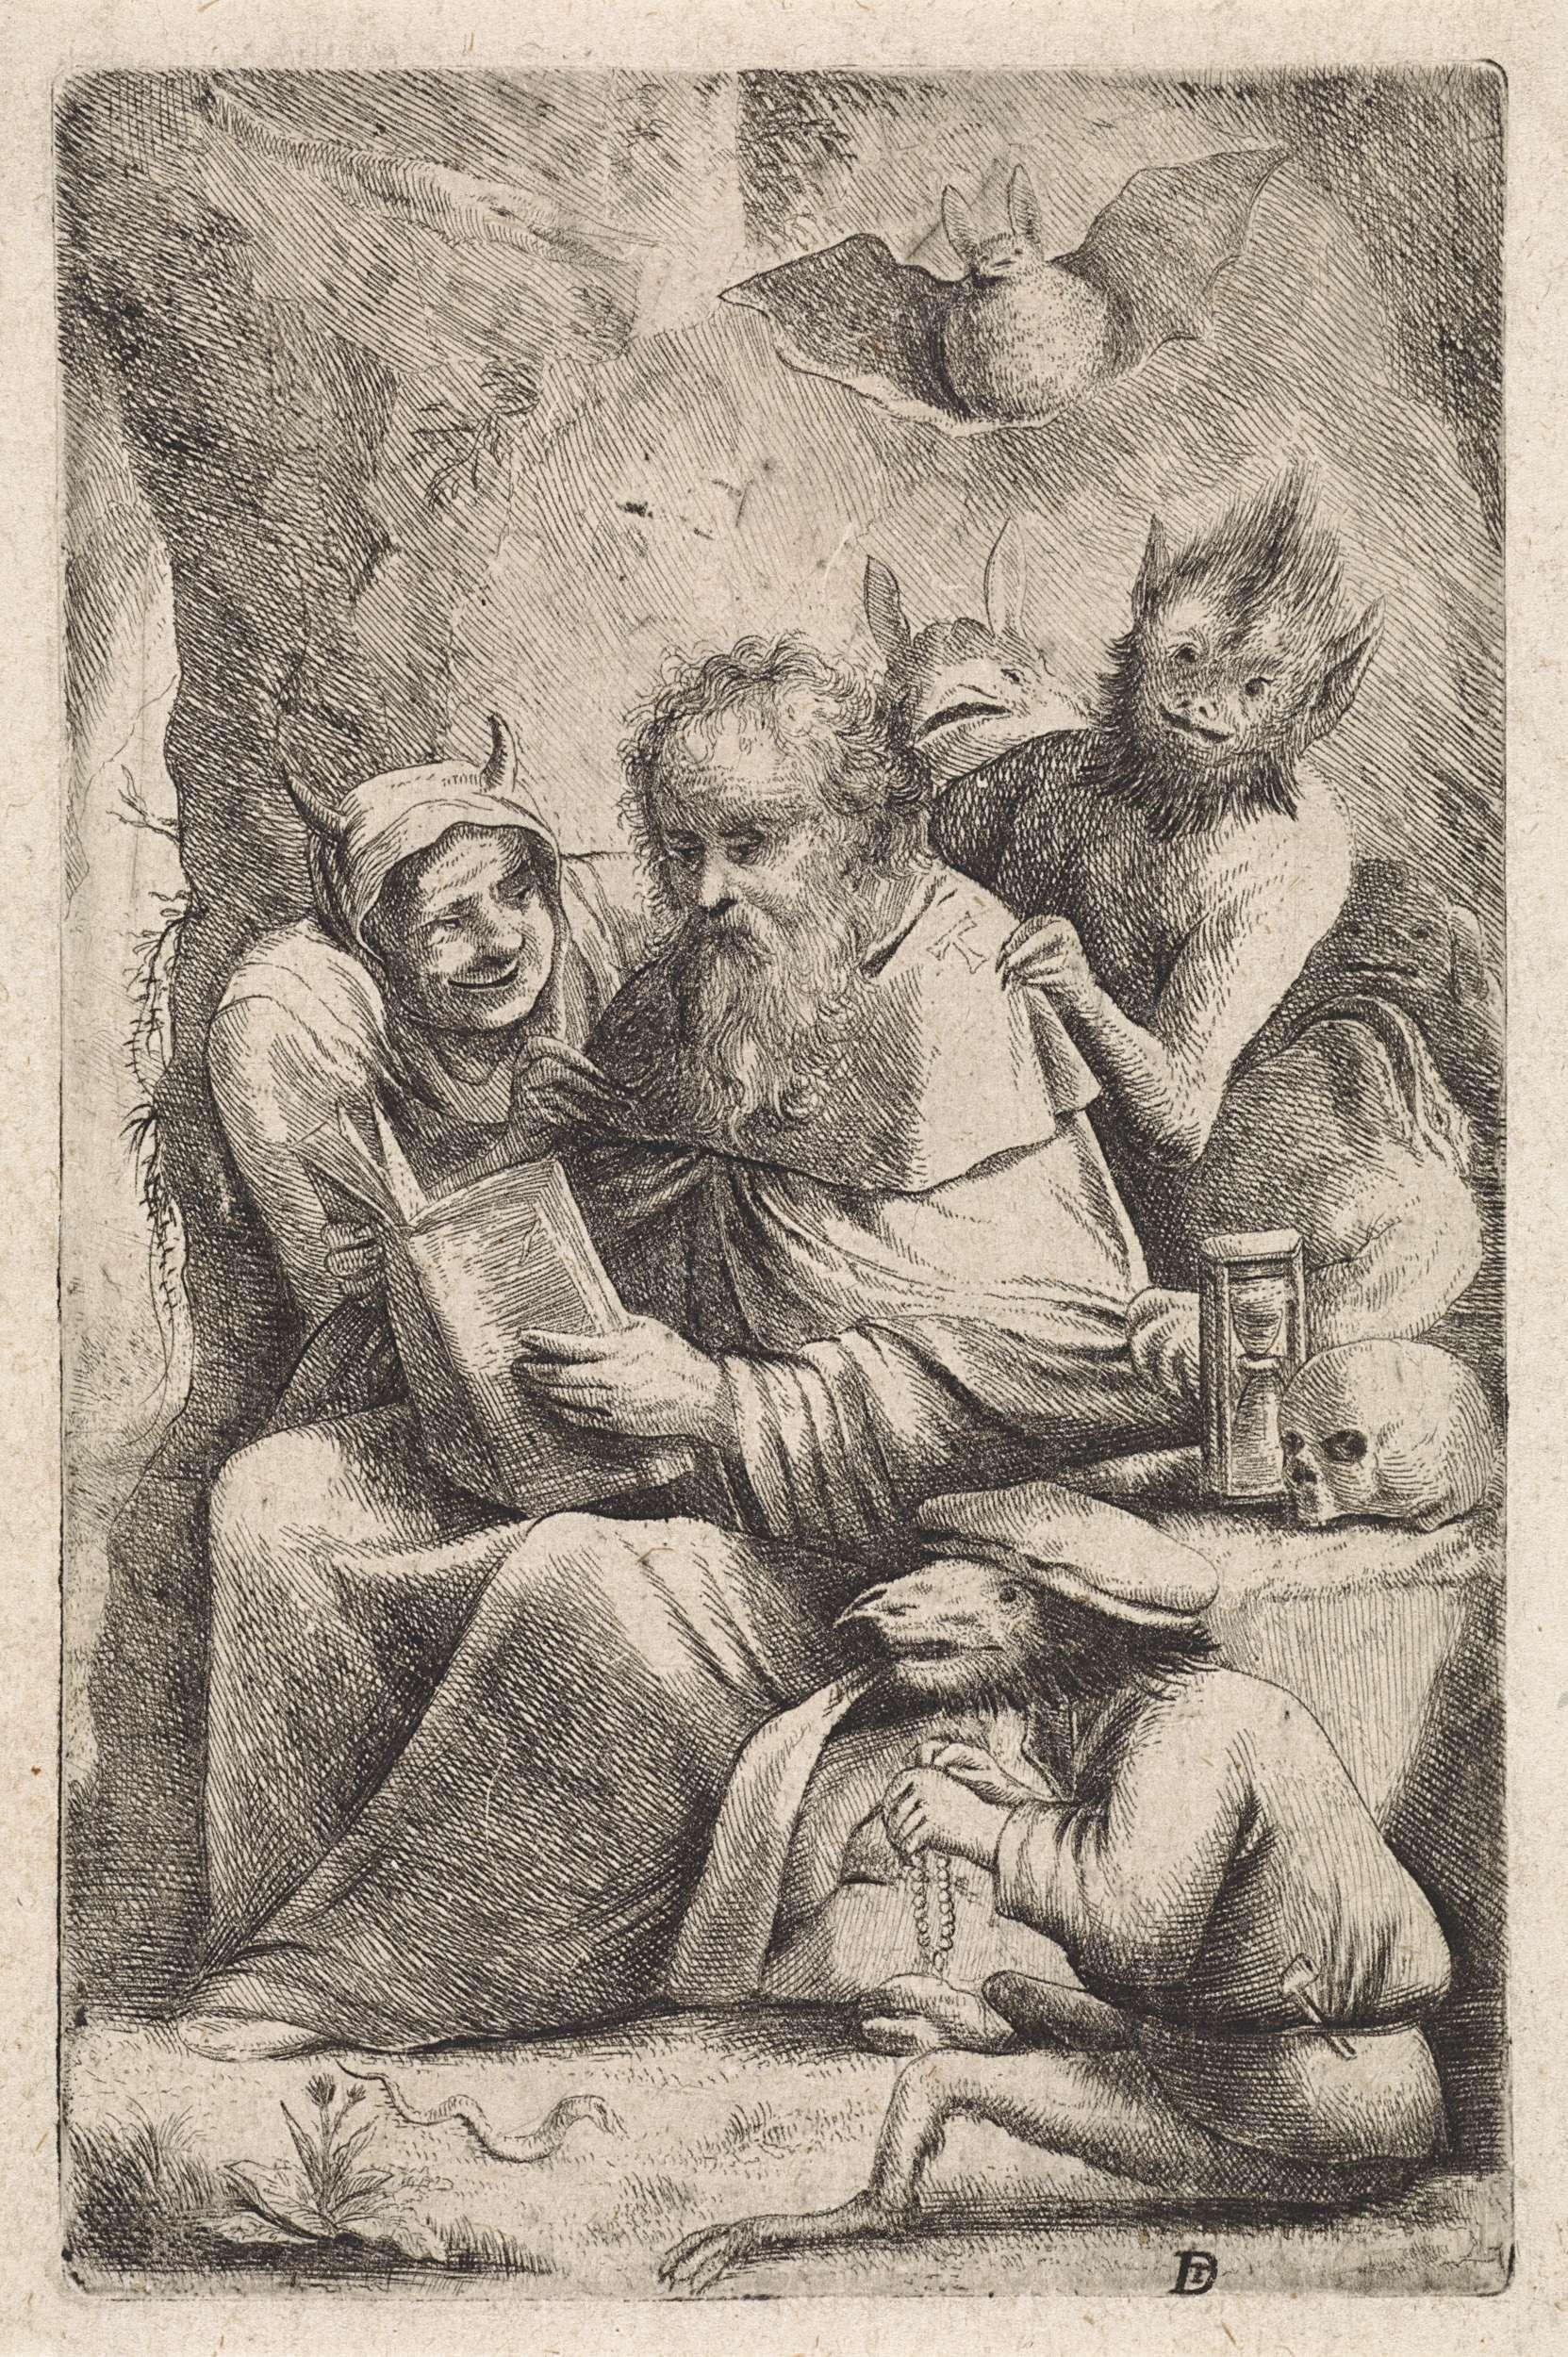 Anonymous | Verzoeking van de H. Antonius, Anonymous, 1626 - 1740 | De heilige Antonius zit in een grot en leest zijn gebedsboek, terwijl boze geesten in de gedaante van een vrouw met horens, dieren en monsters hem belagen. Op de steen naast hem een zandloper en een schedel.